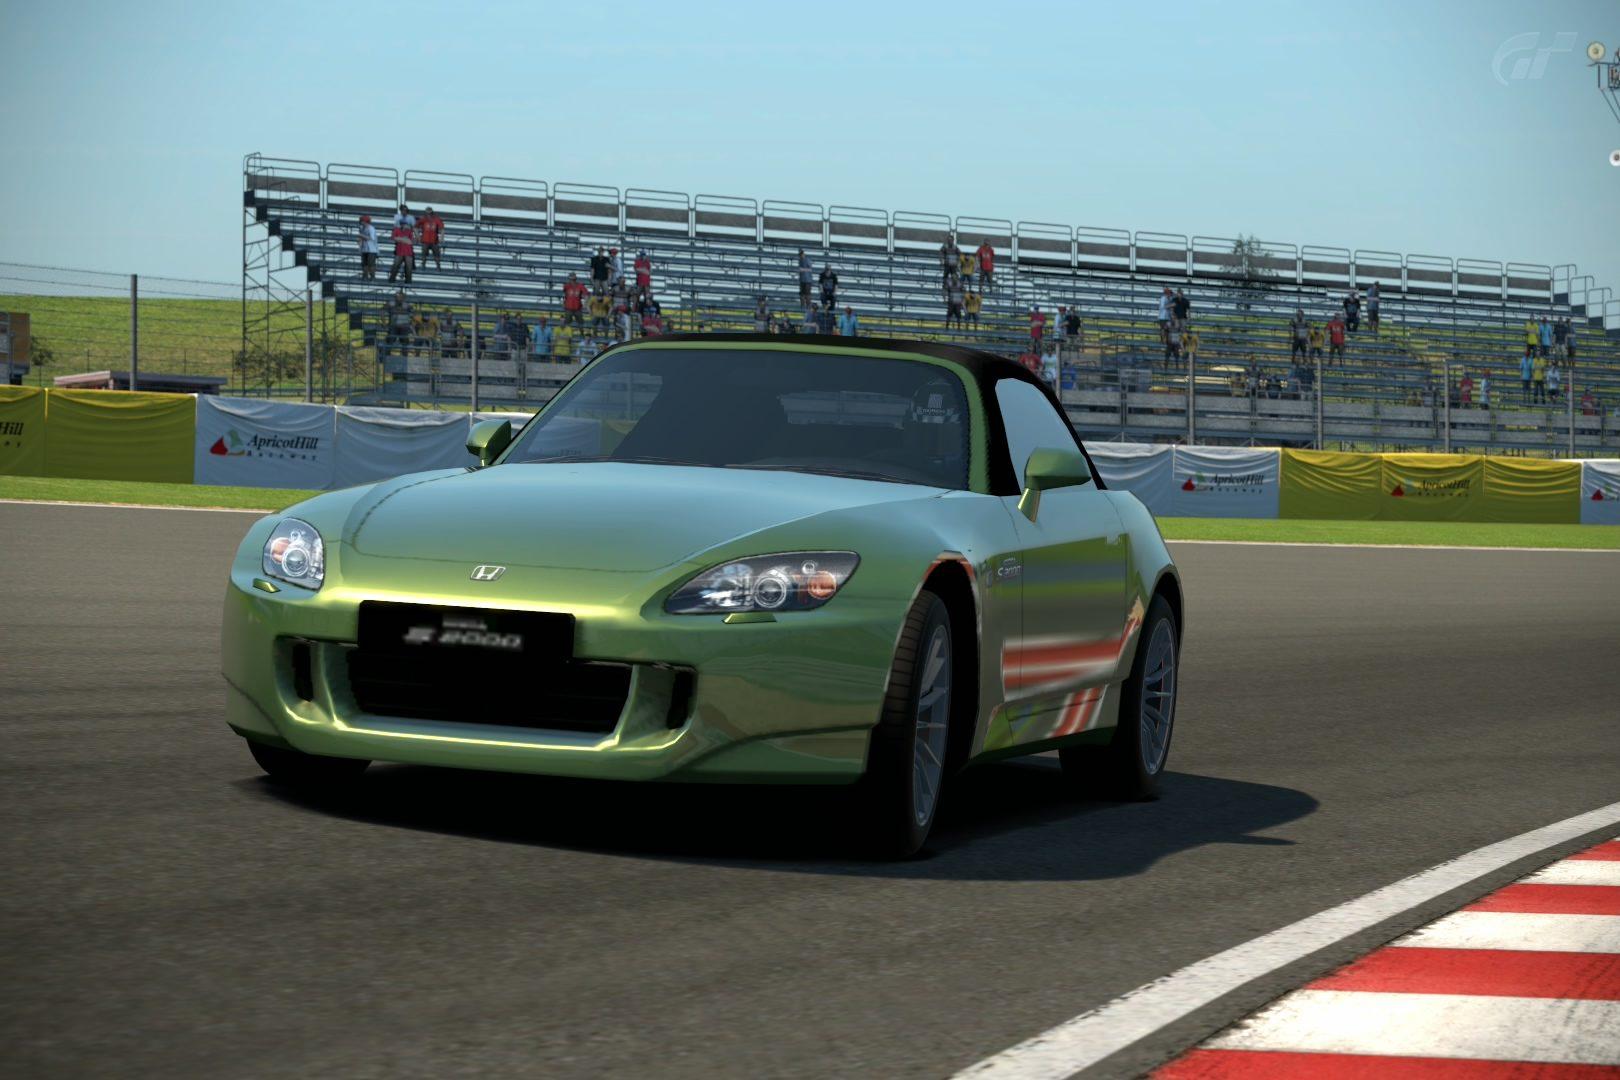 HondaS2000'04.jpg